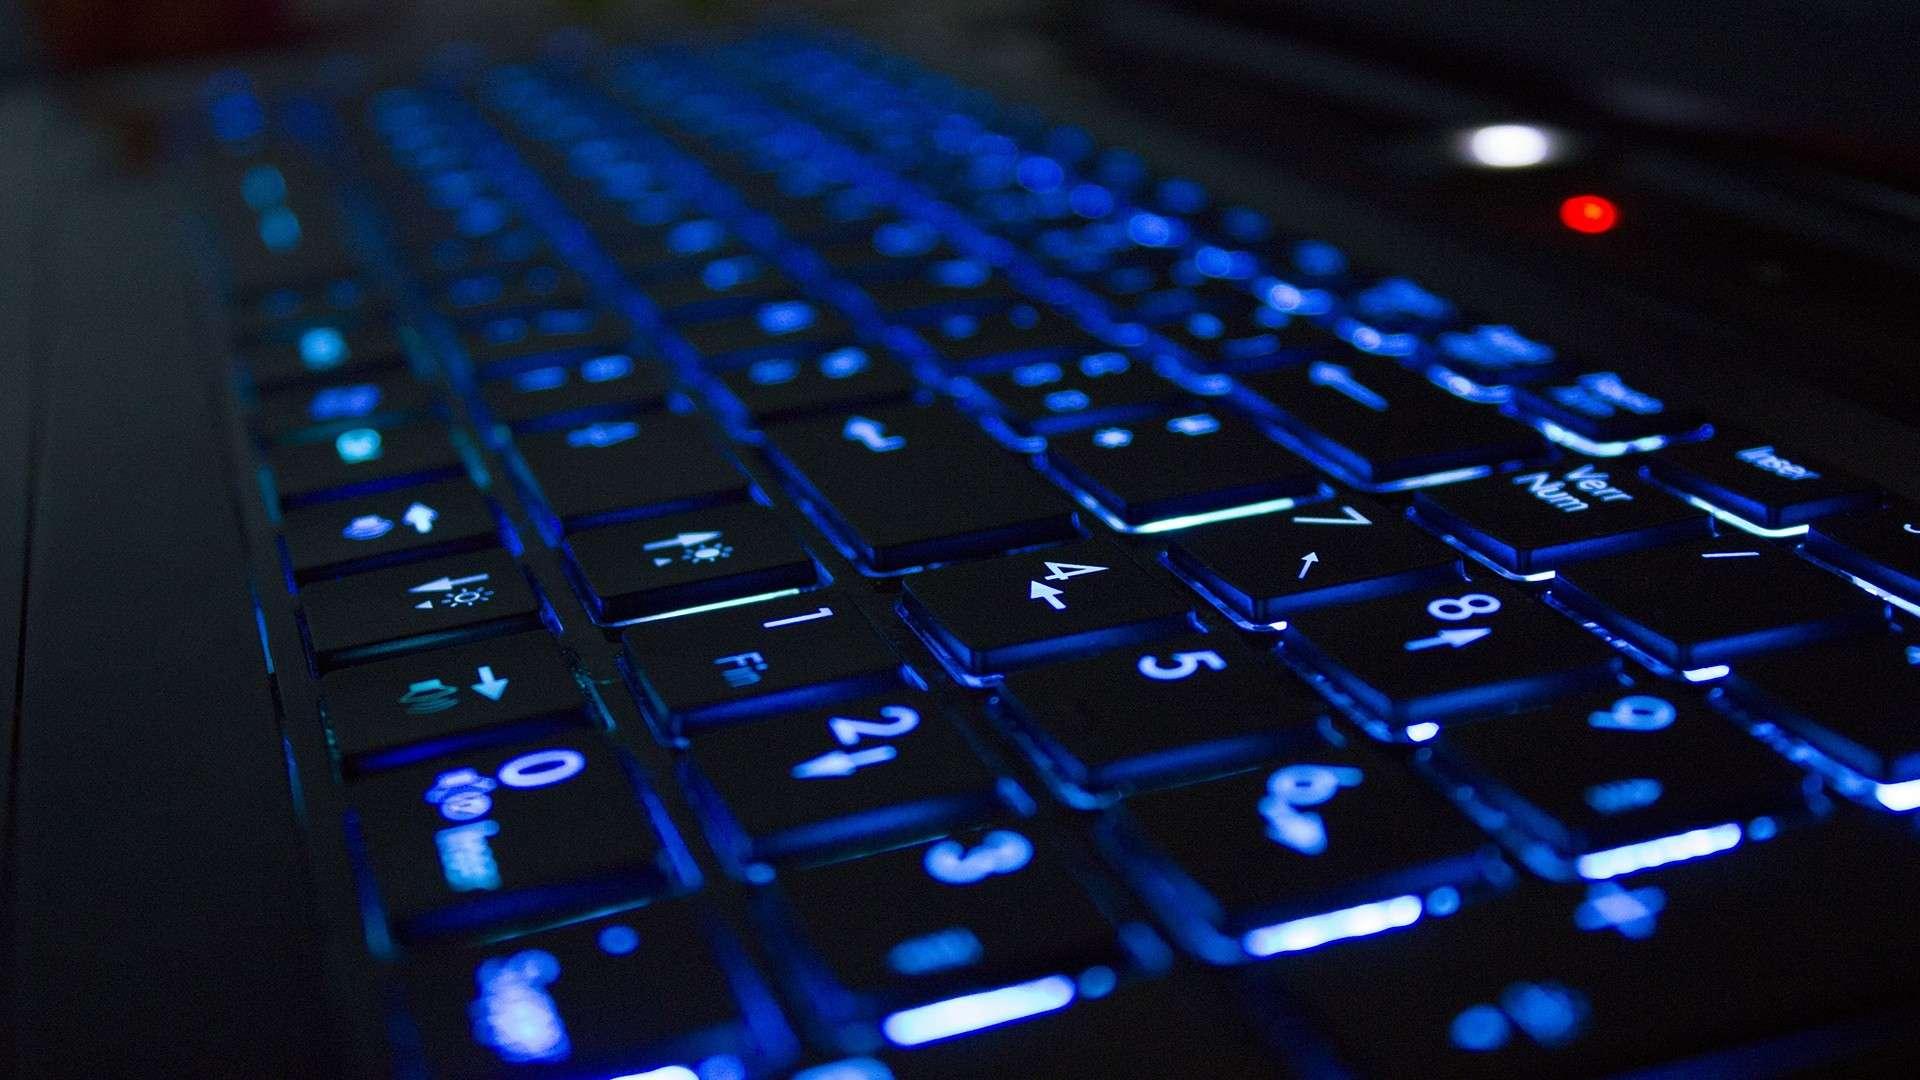 Яндекс.Транспорт Онлайн для компютера — покрокове керівництво по використанню